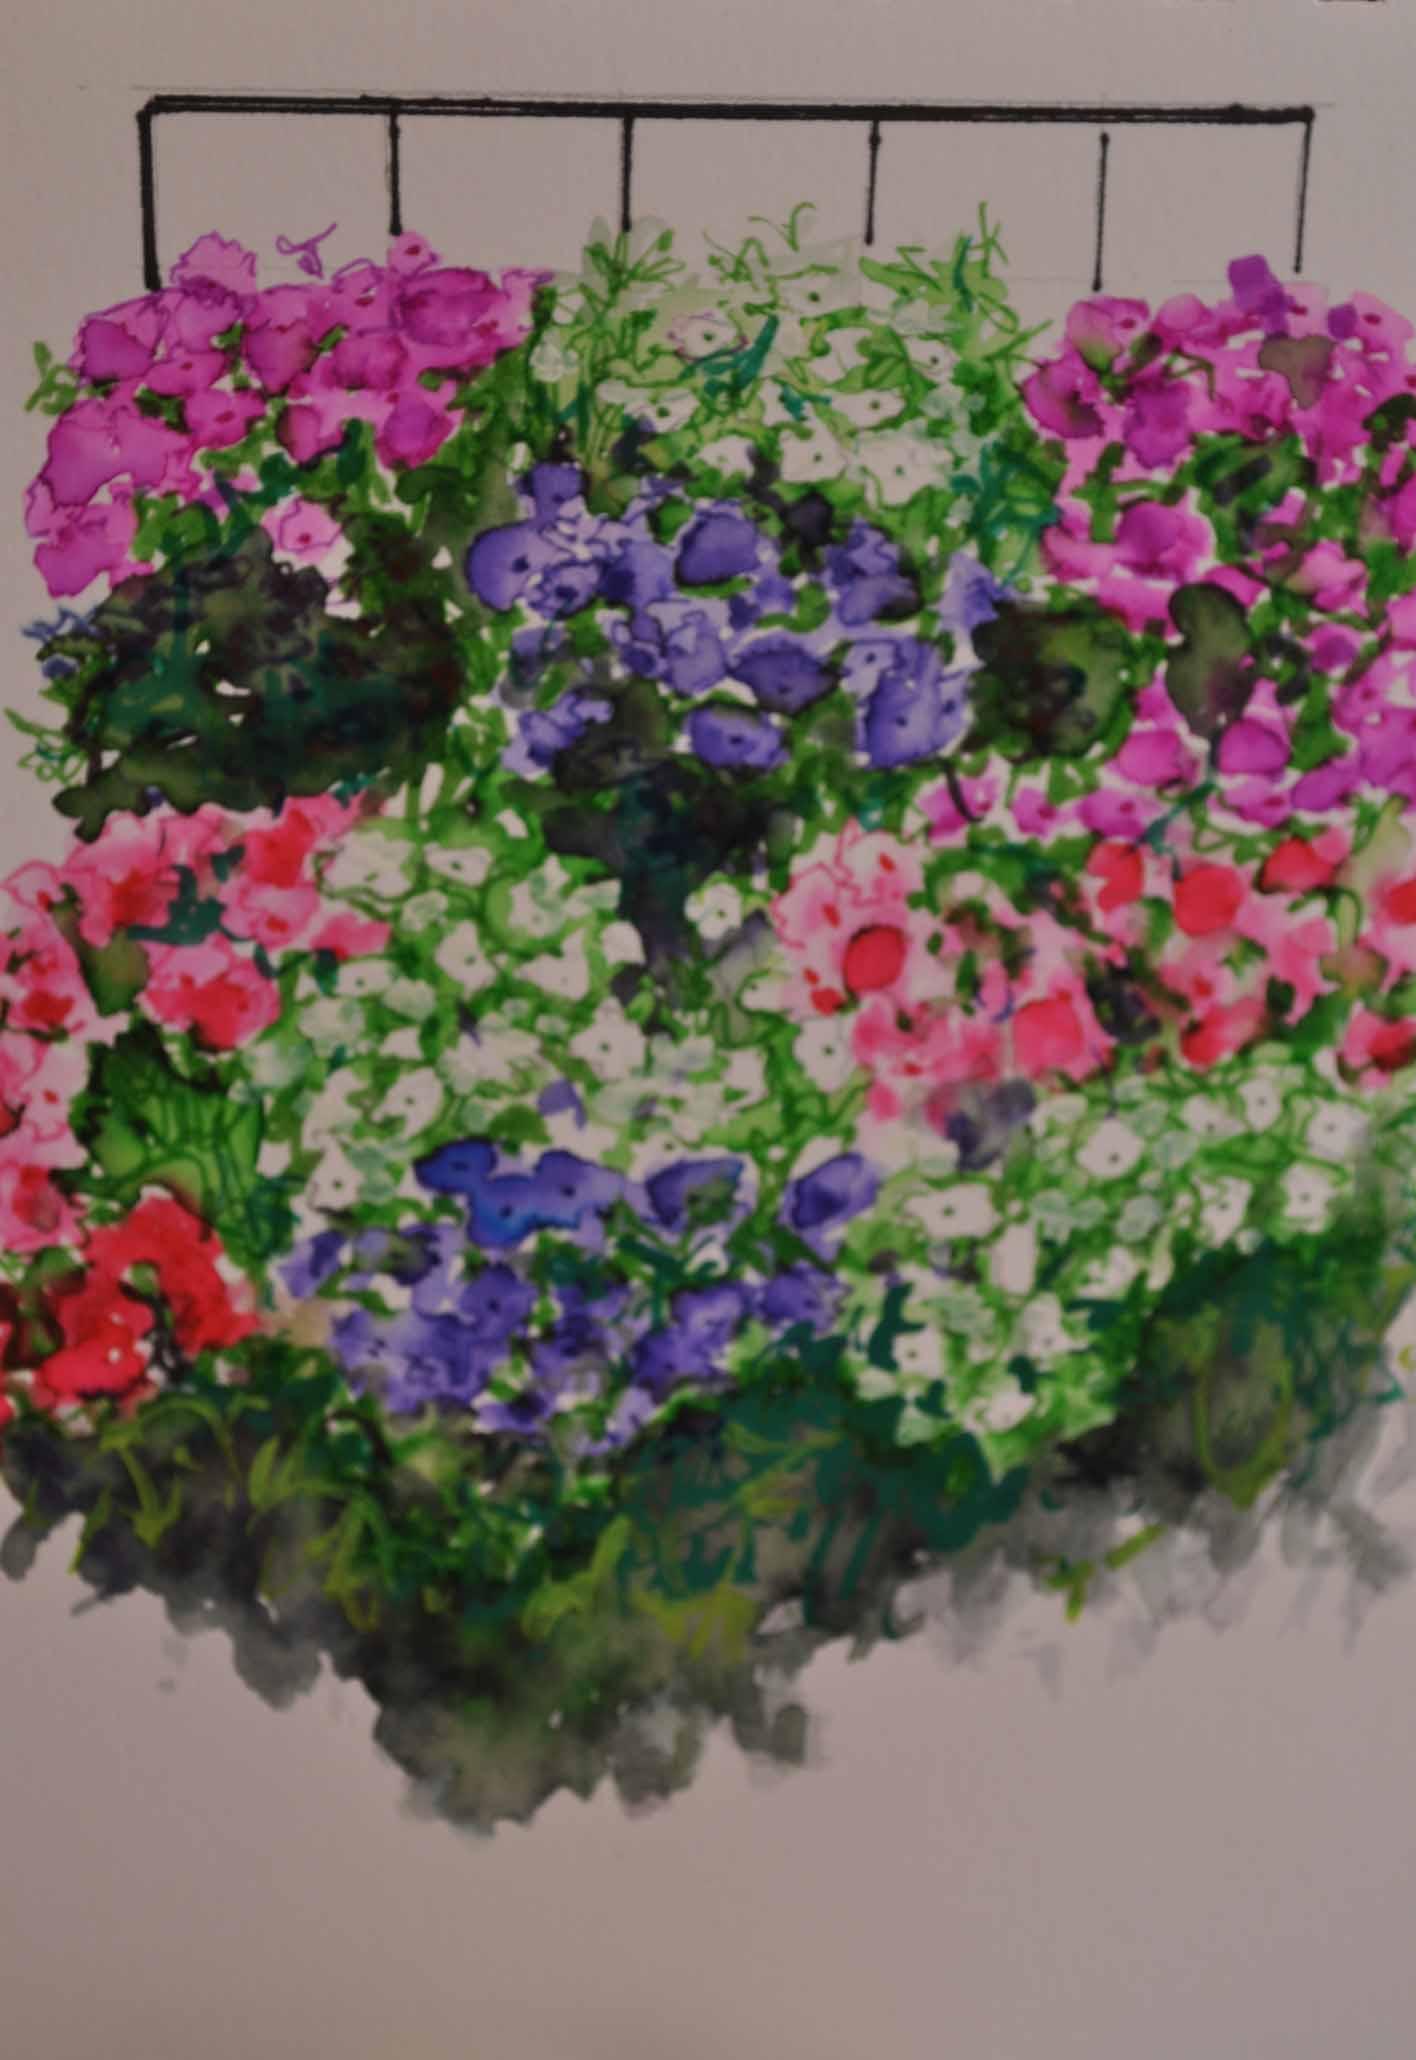 De azoteas terrazas y balcones disfrutando entre flores for Plantas en balcones y terrazas